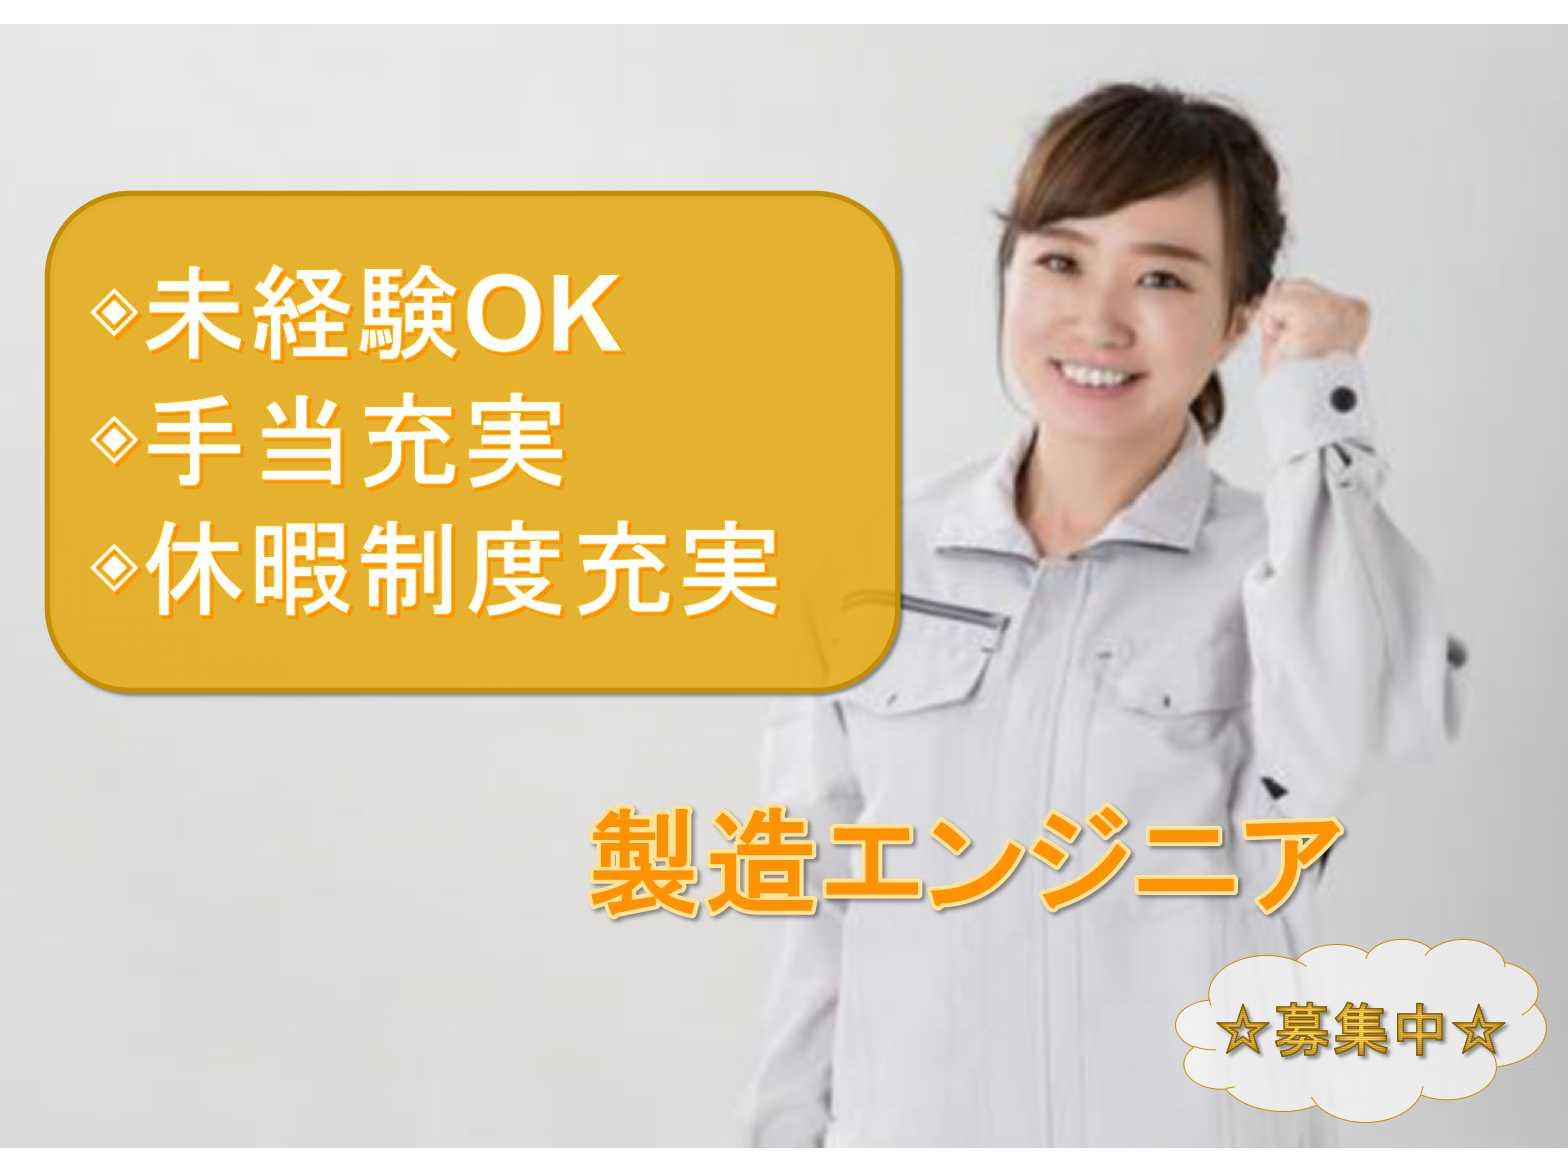 【名古屋市全域】◈手当充実◈休暇制度充実◈製造エンジニア◈ブロック社員募集中◈ イメージ